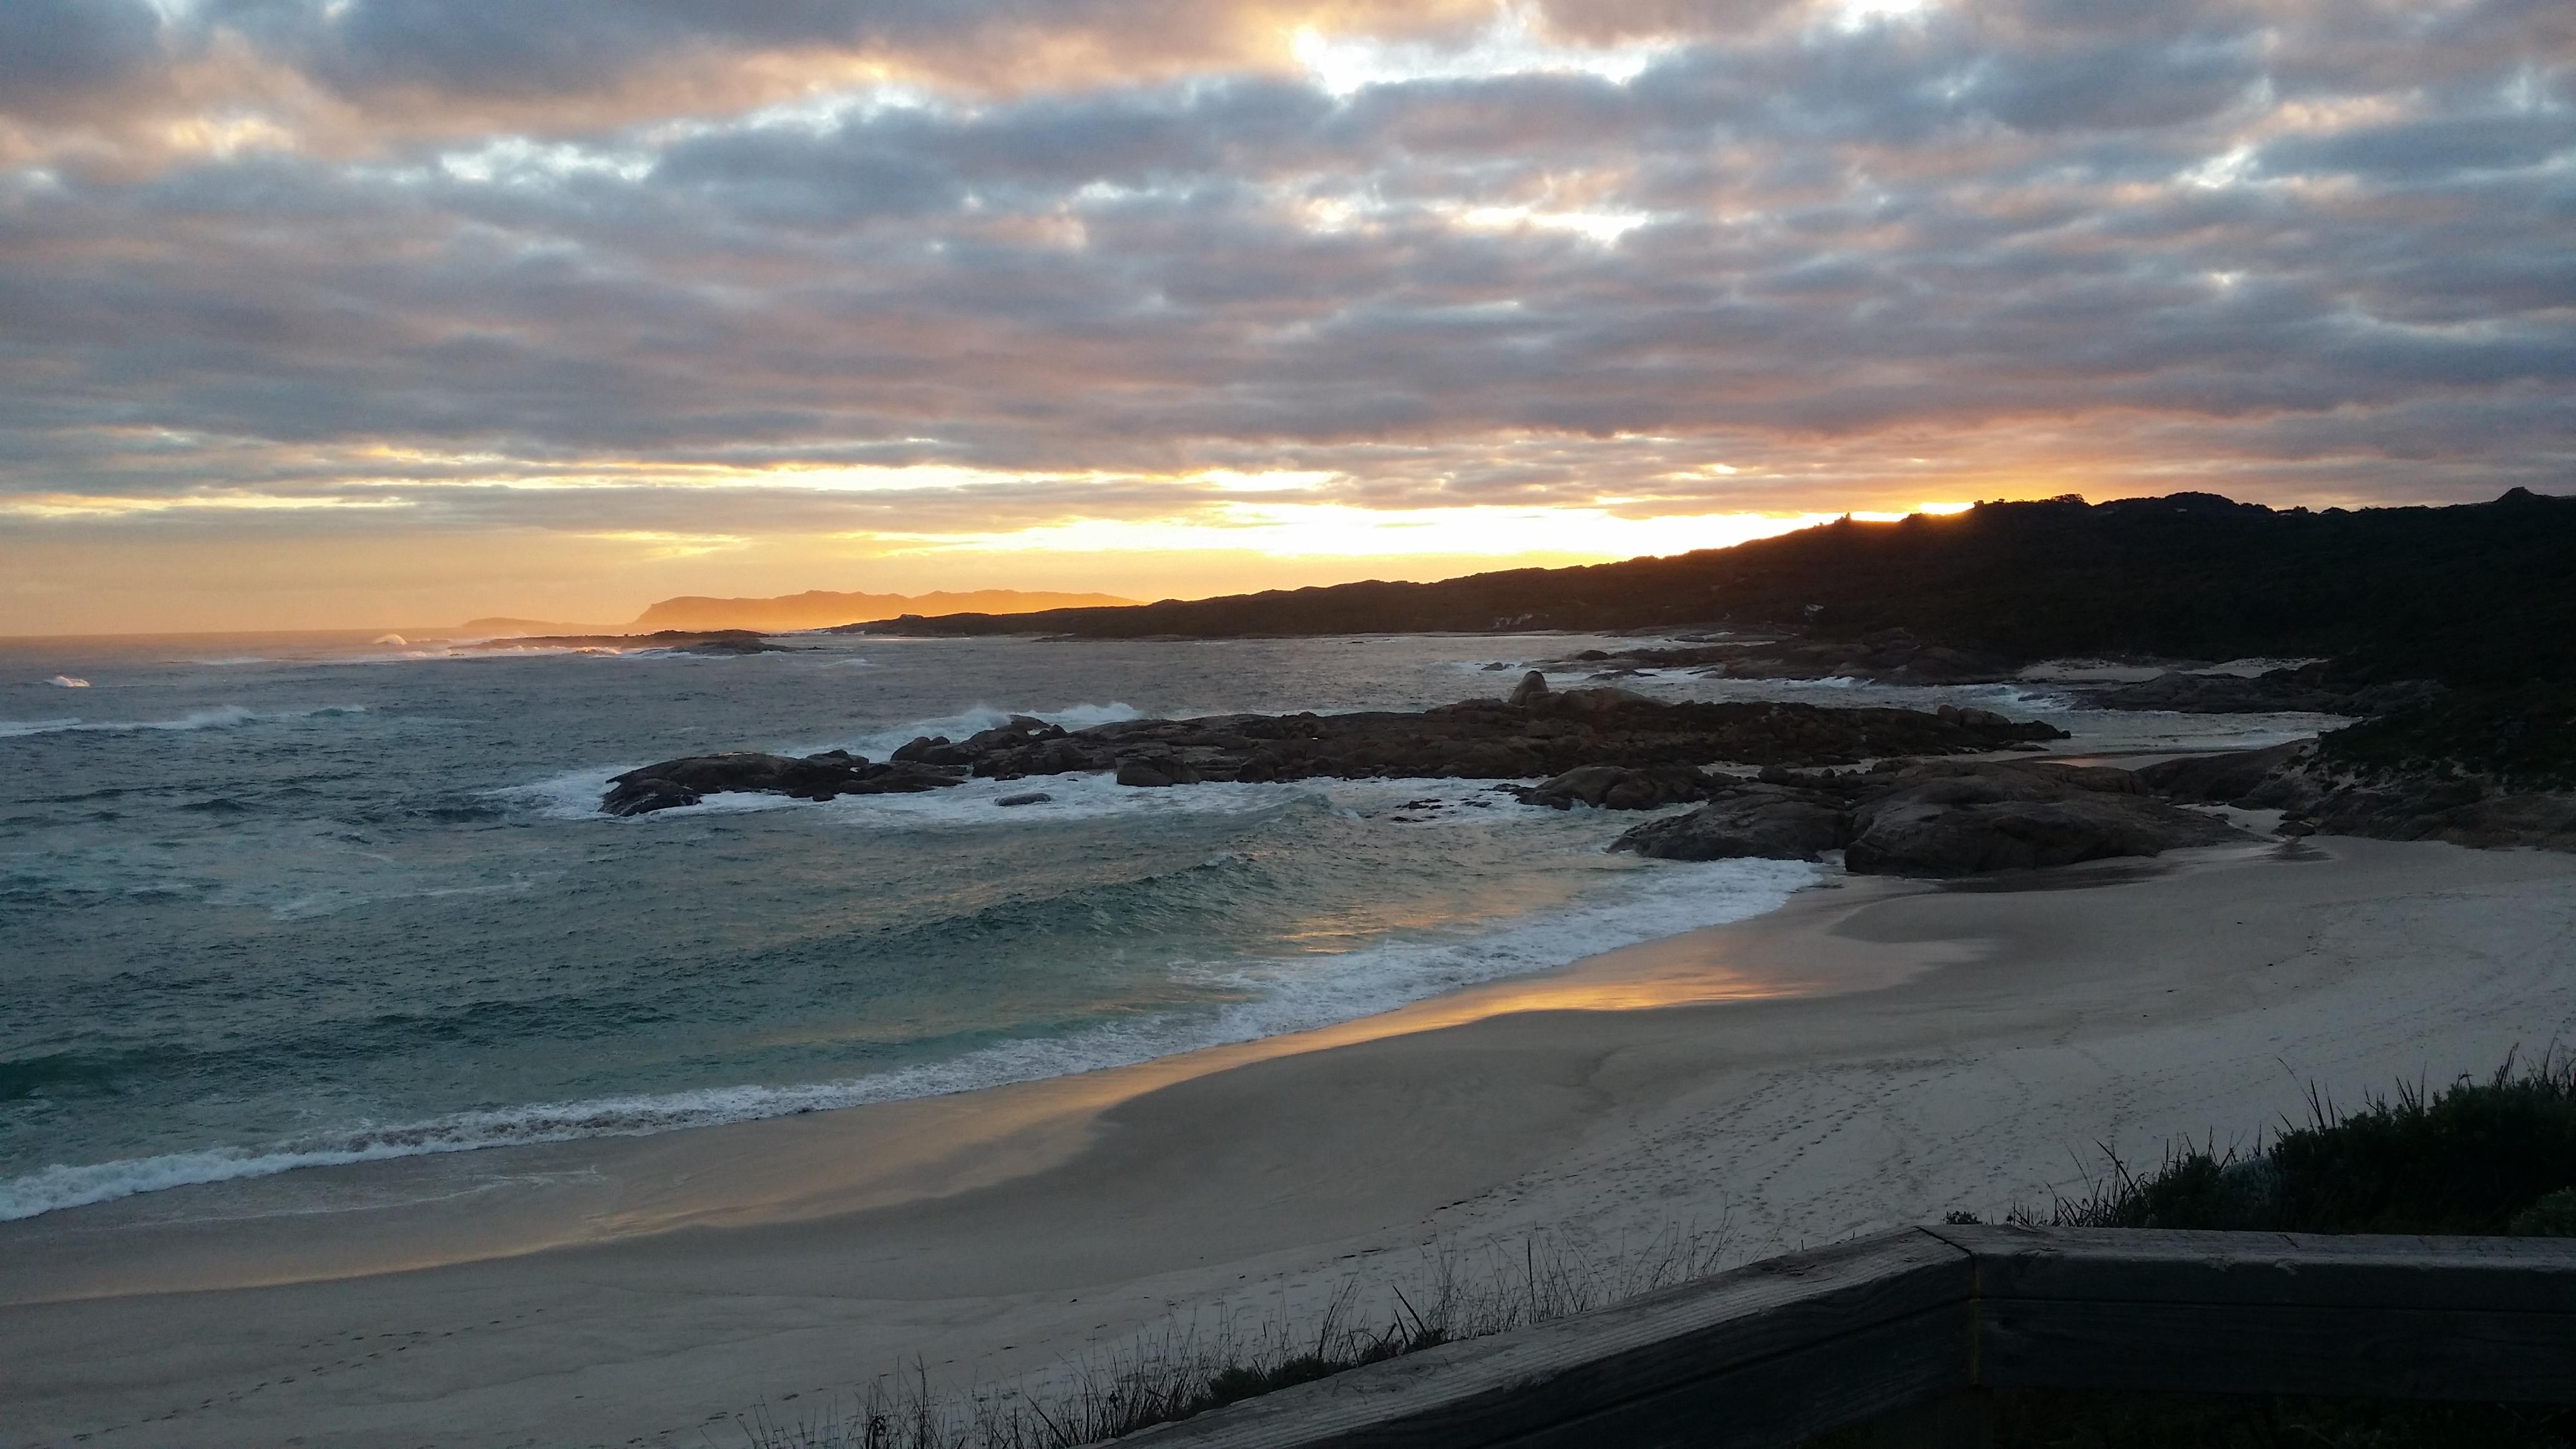 Sunset at Lights Beach